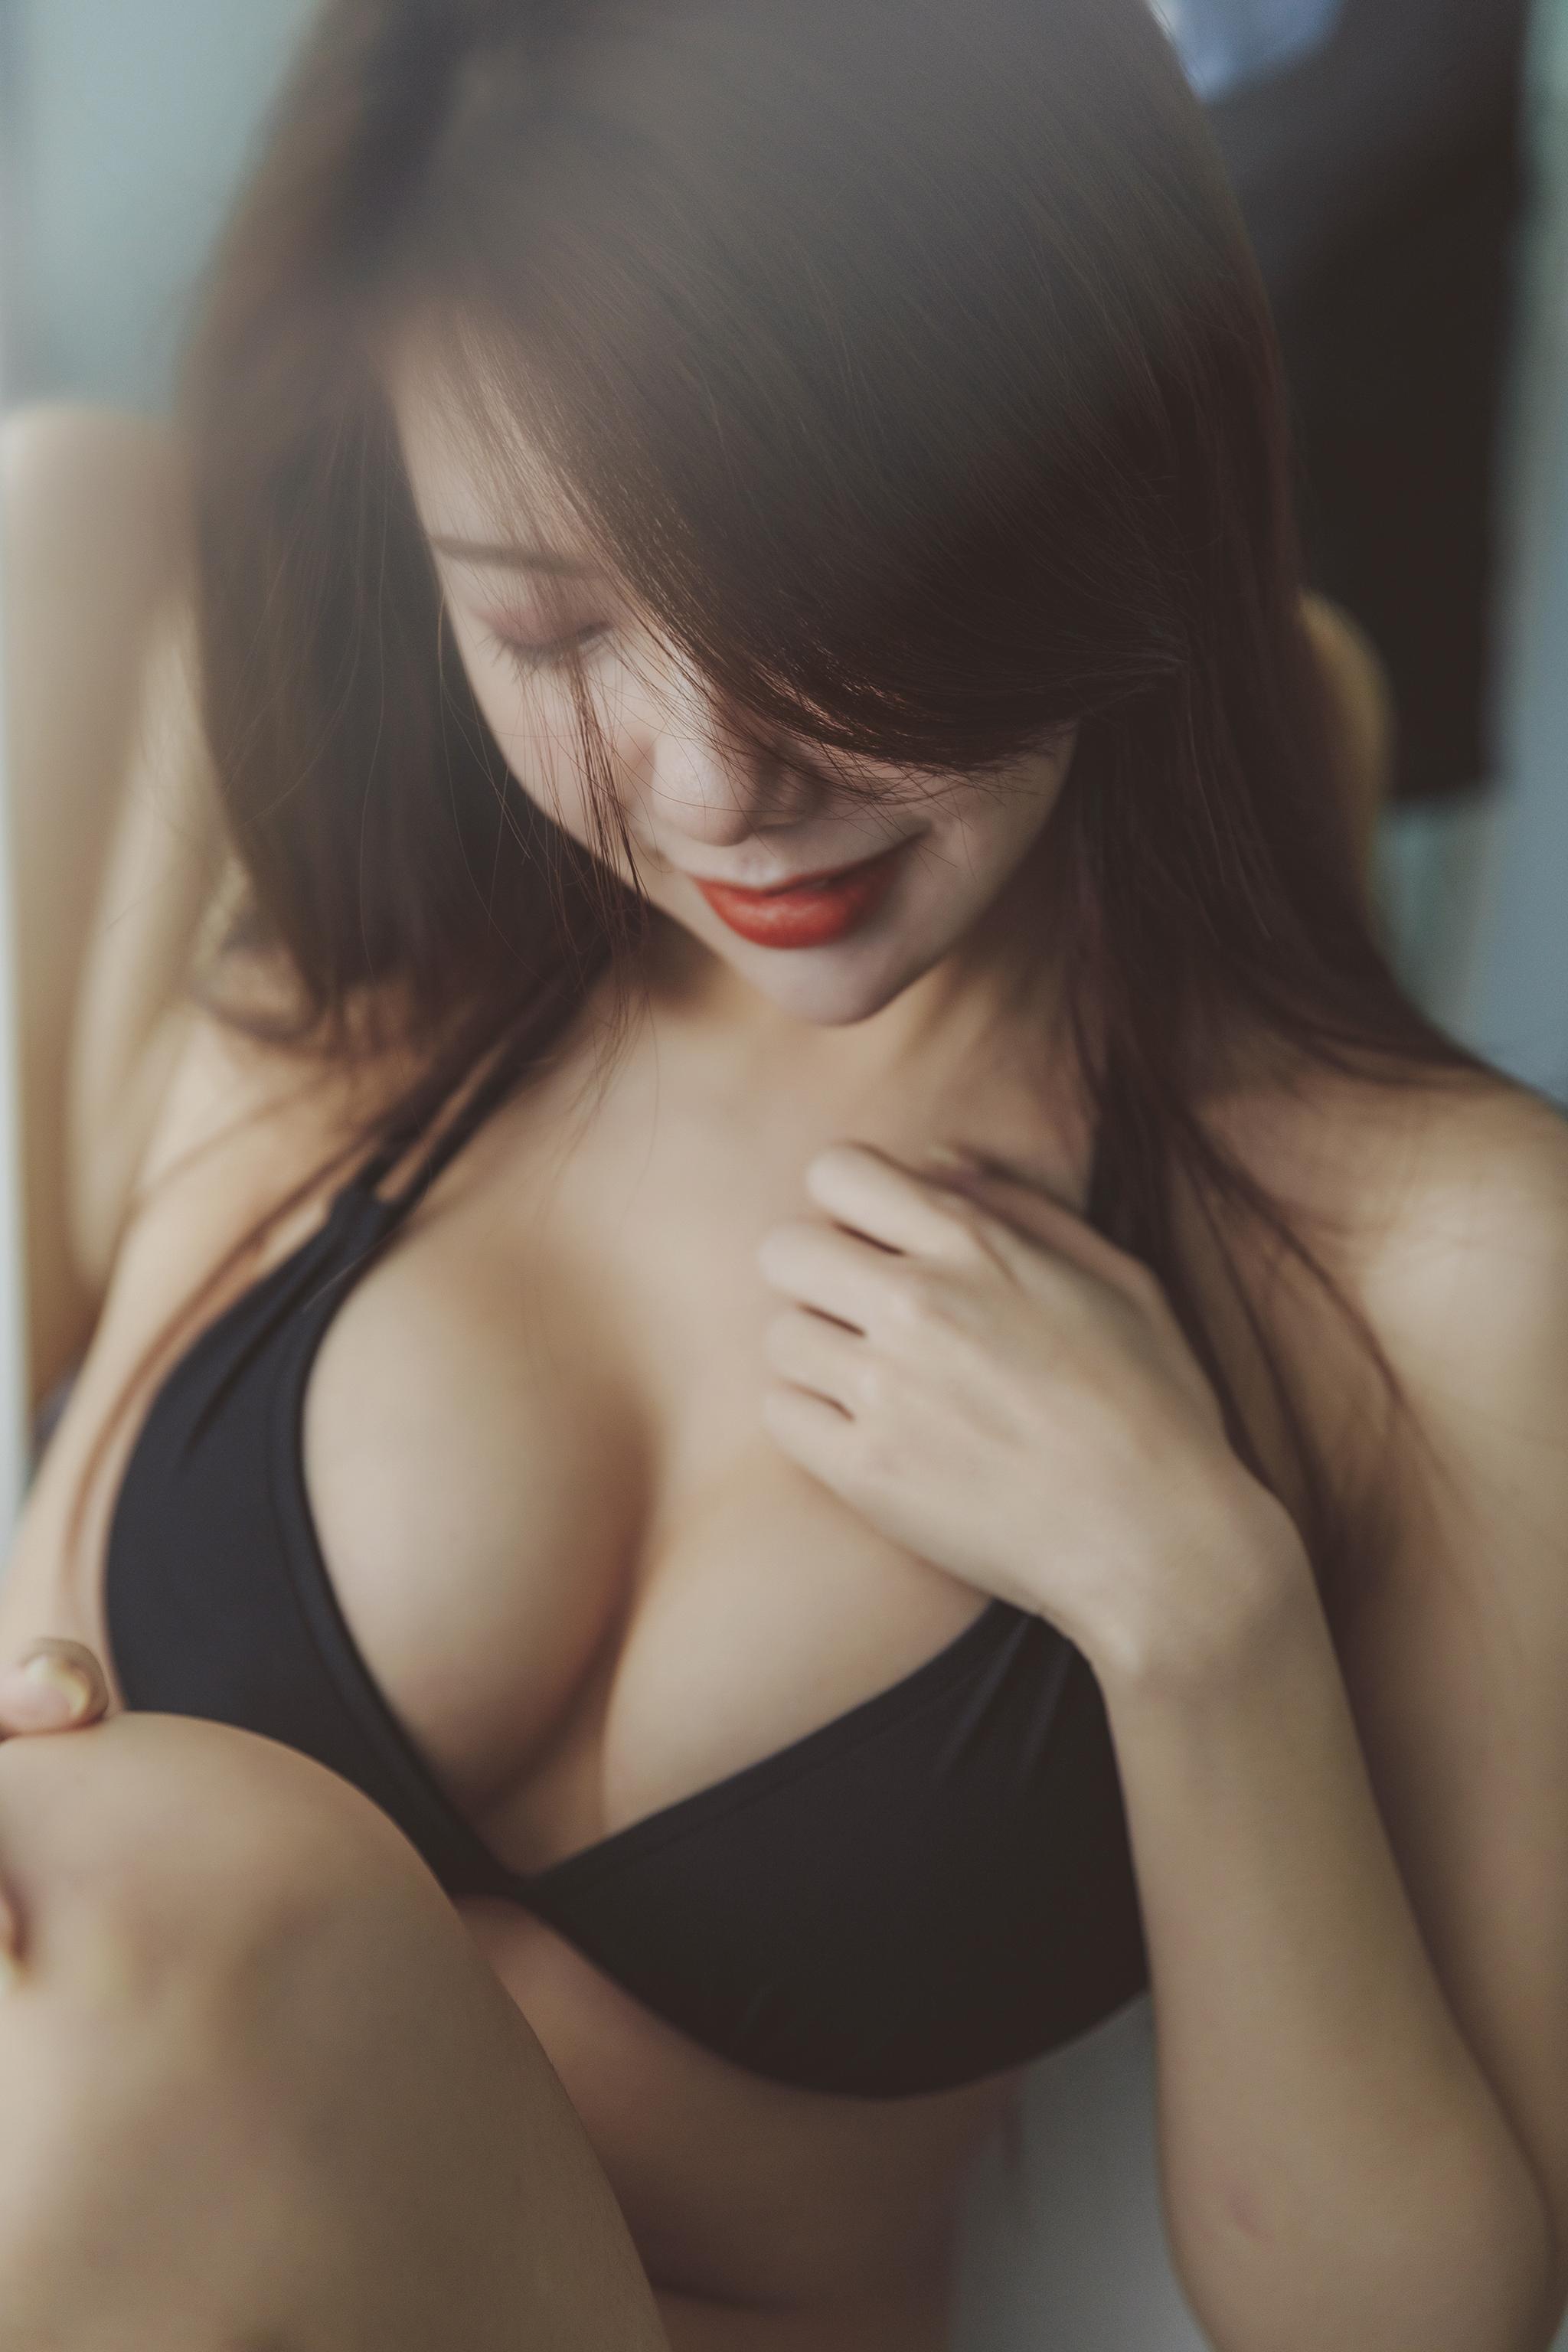 49949413322 ce646d1652 o - 【寫真】+郁涵+